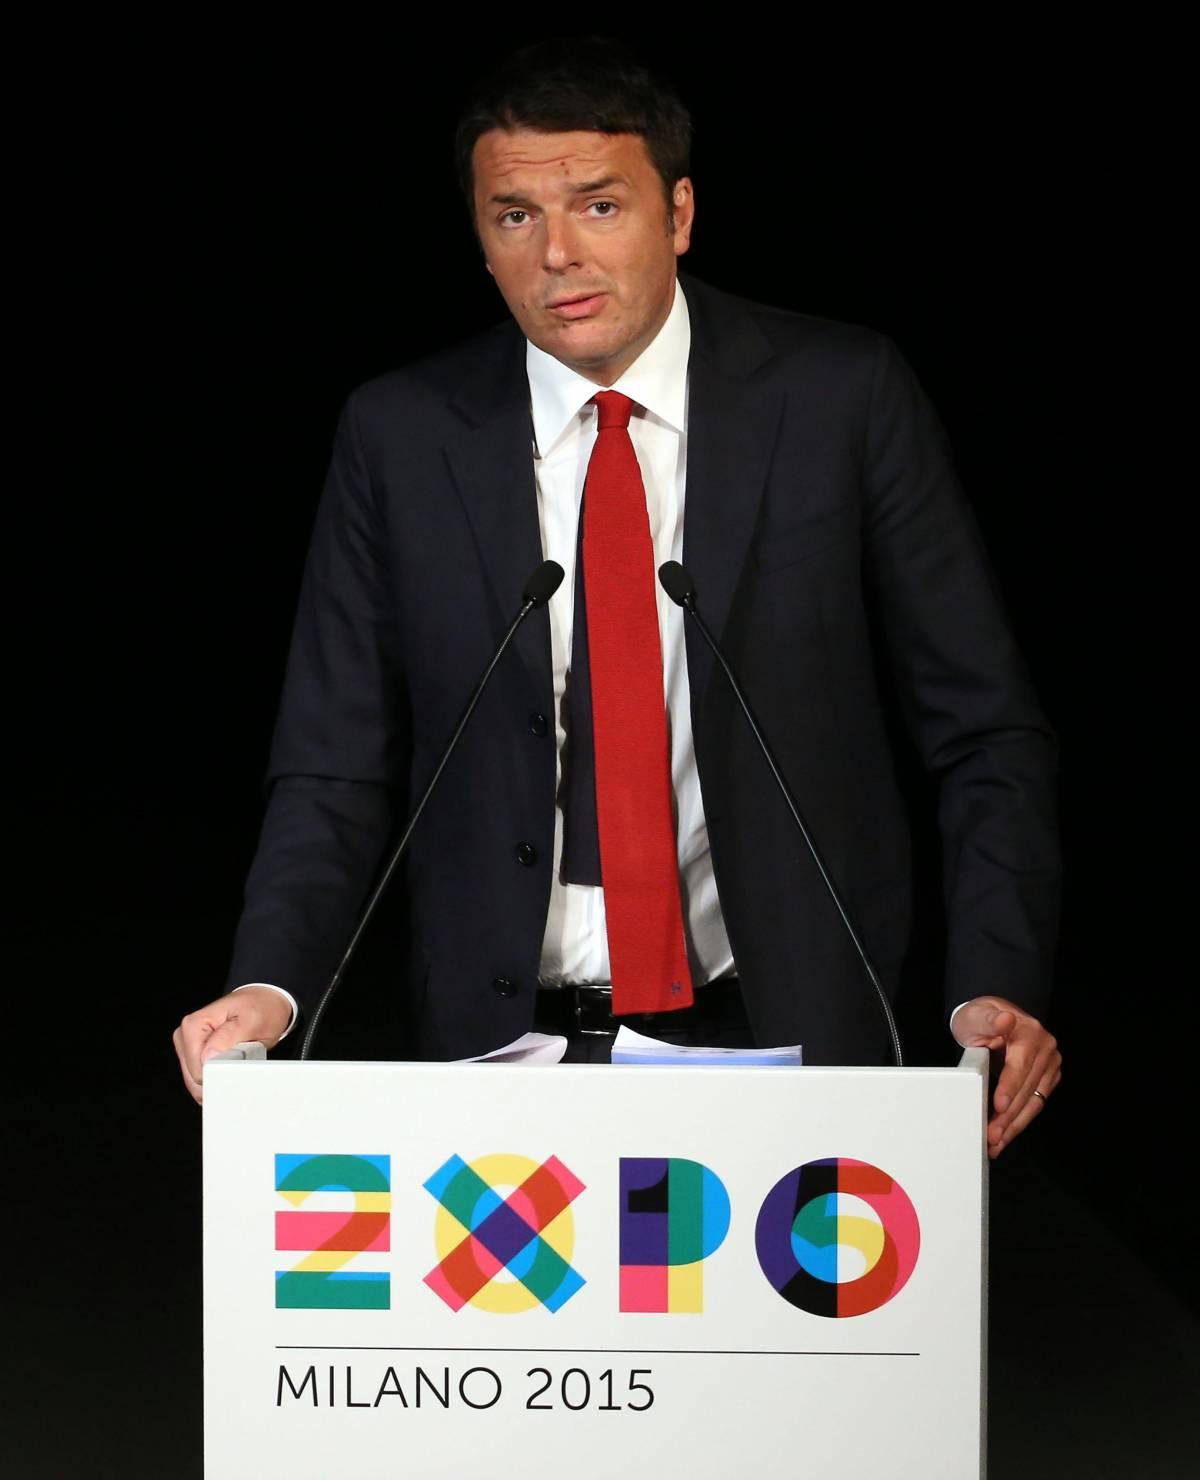 Annunci e false promesse: così Renzi vuole Milano